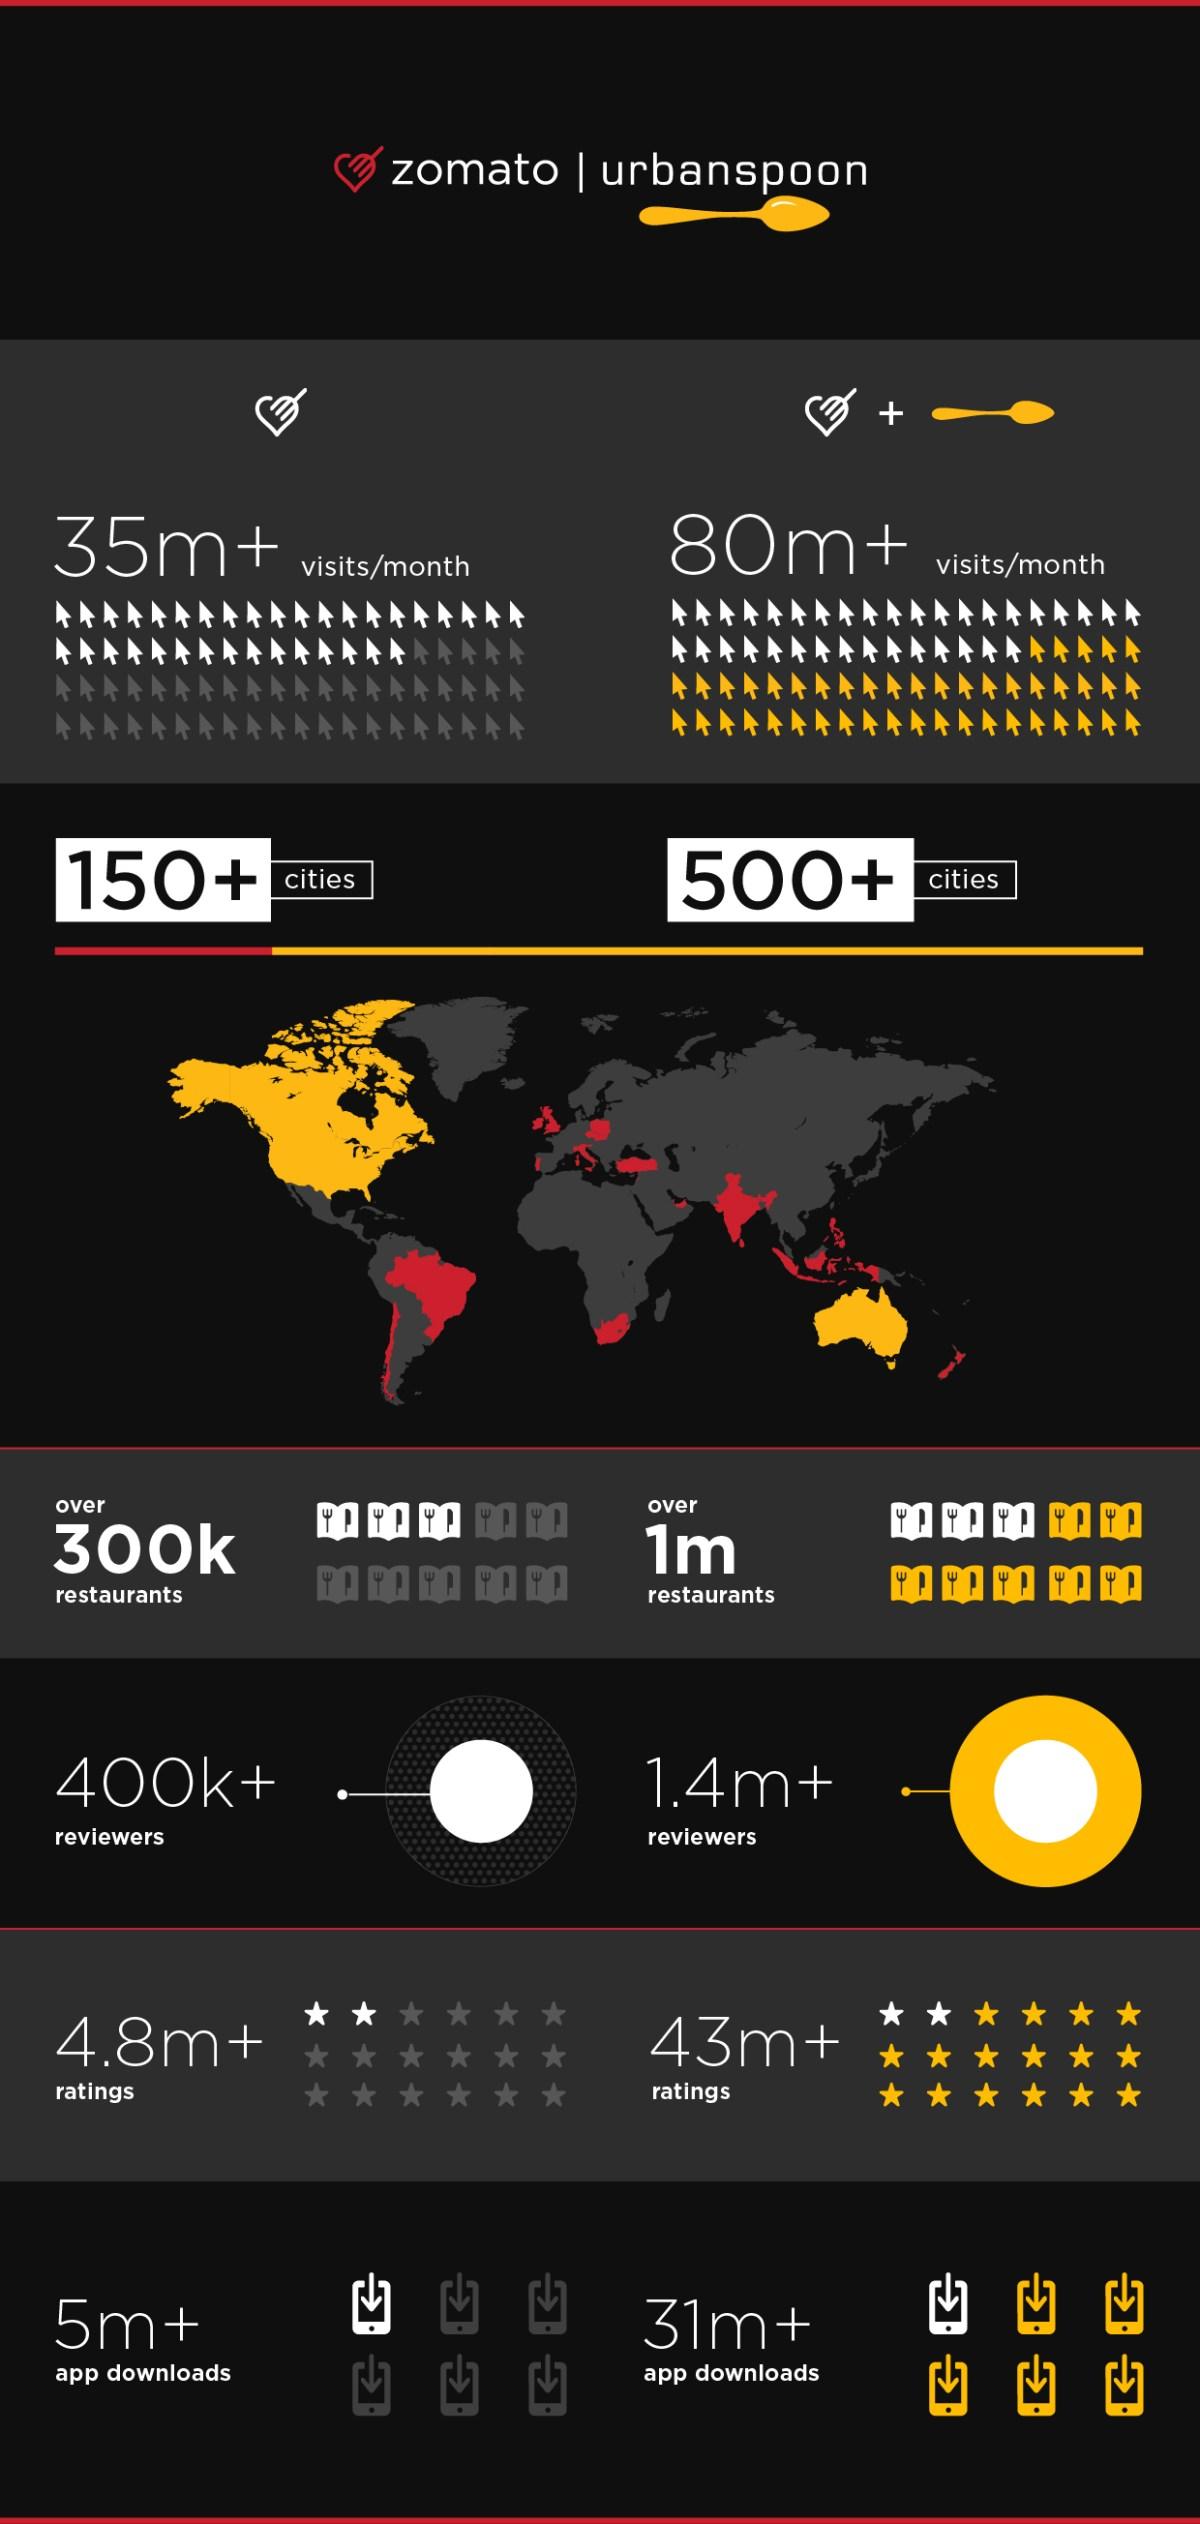 Zomato-Urbanspoon-Infographic